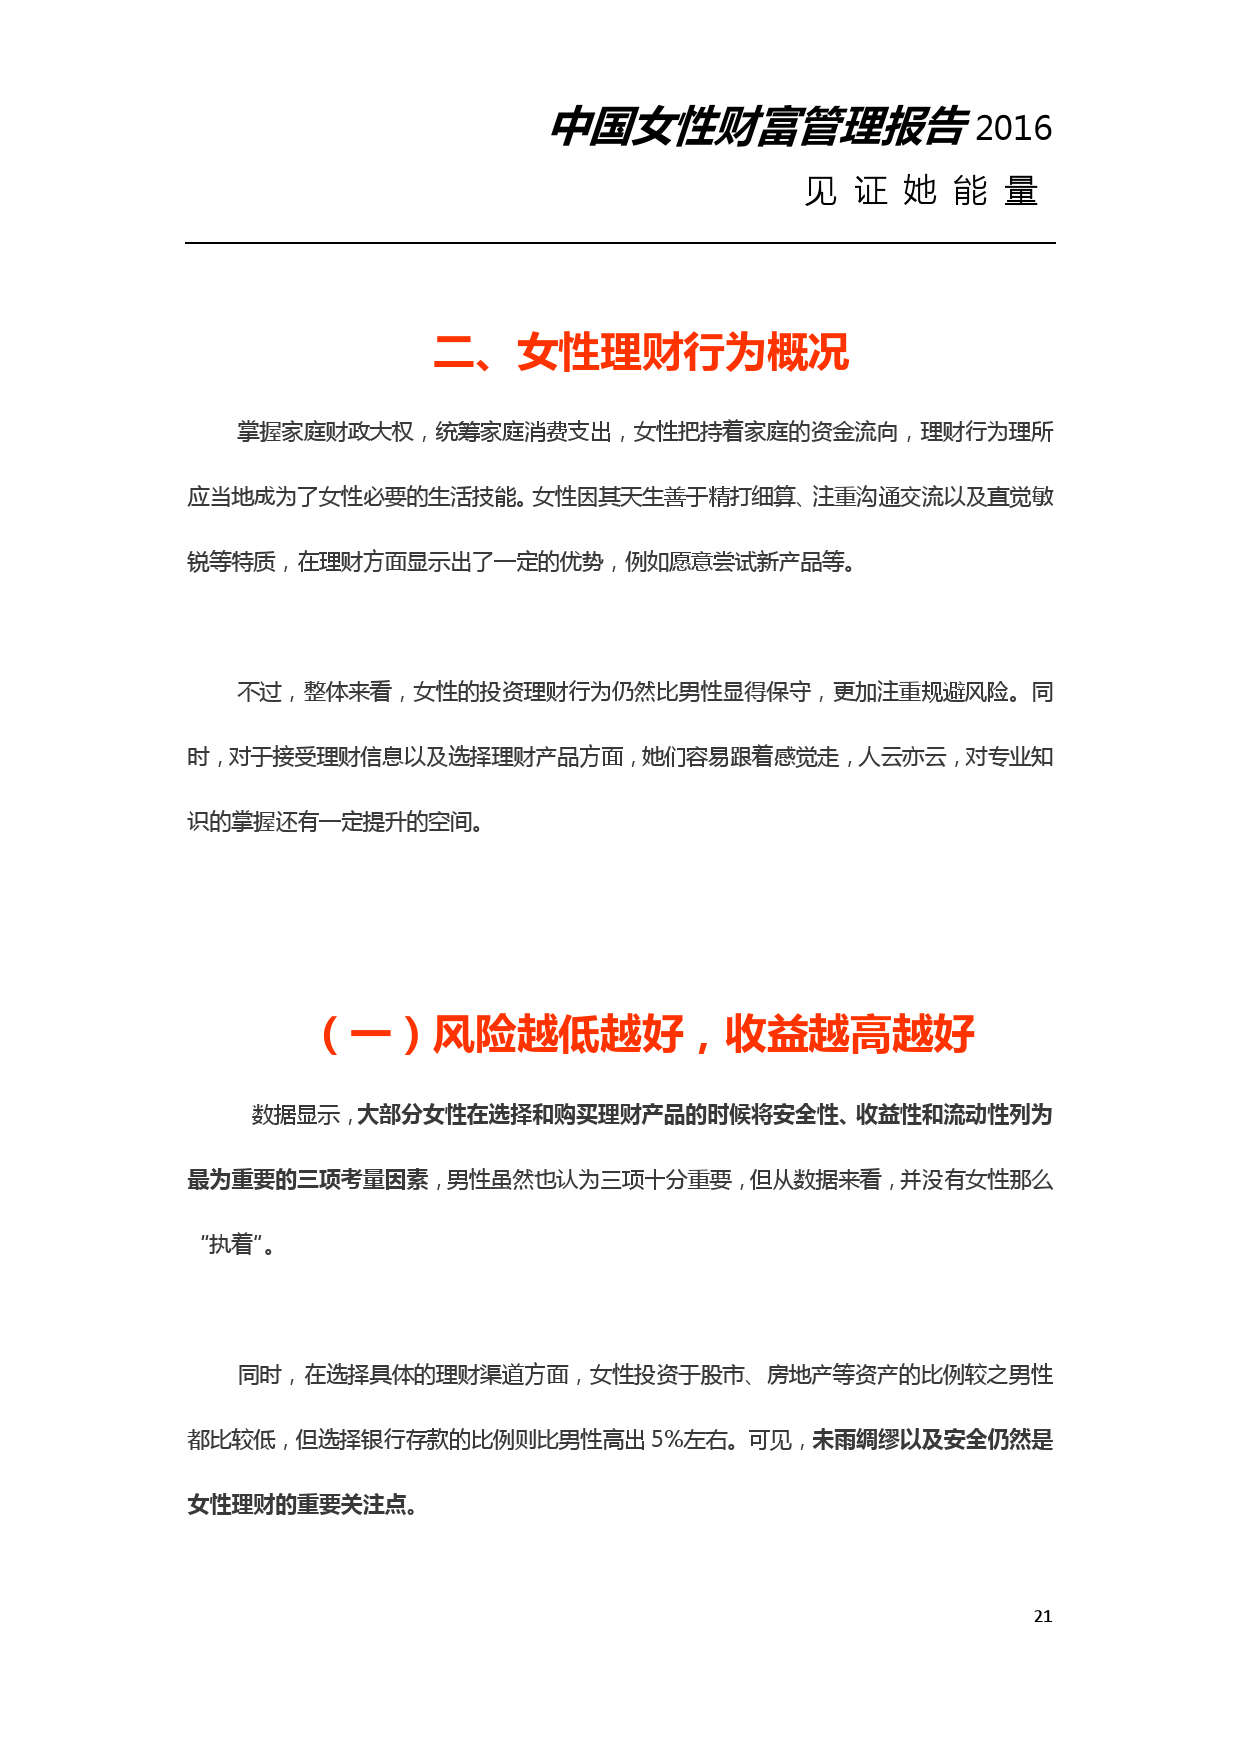 2016年中国女性财富管理报告_000021